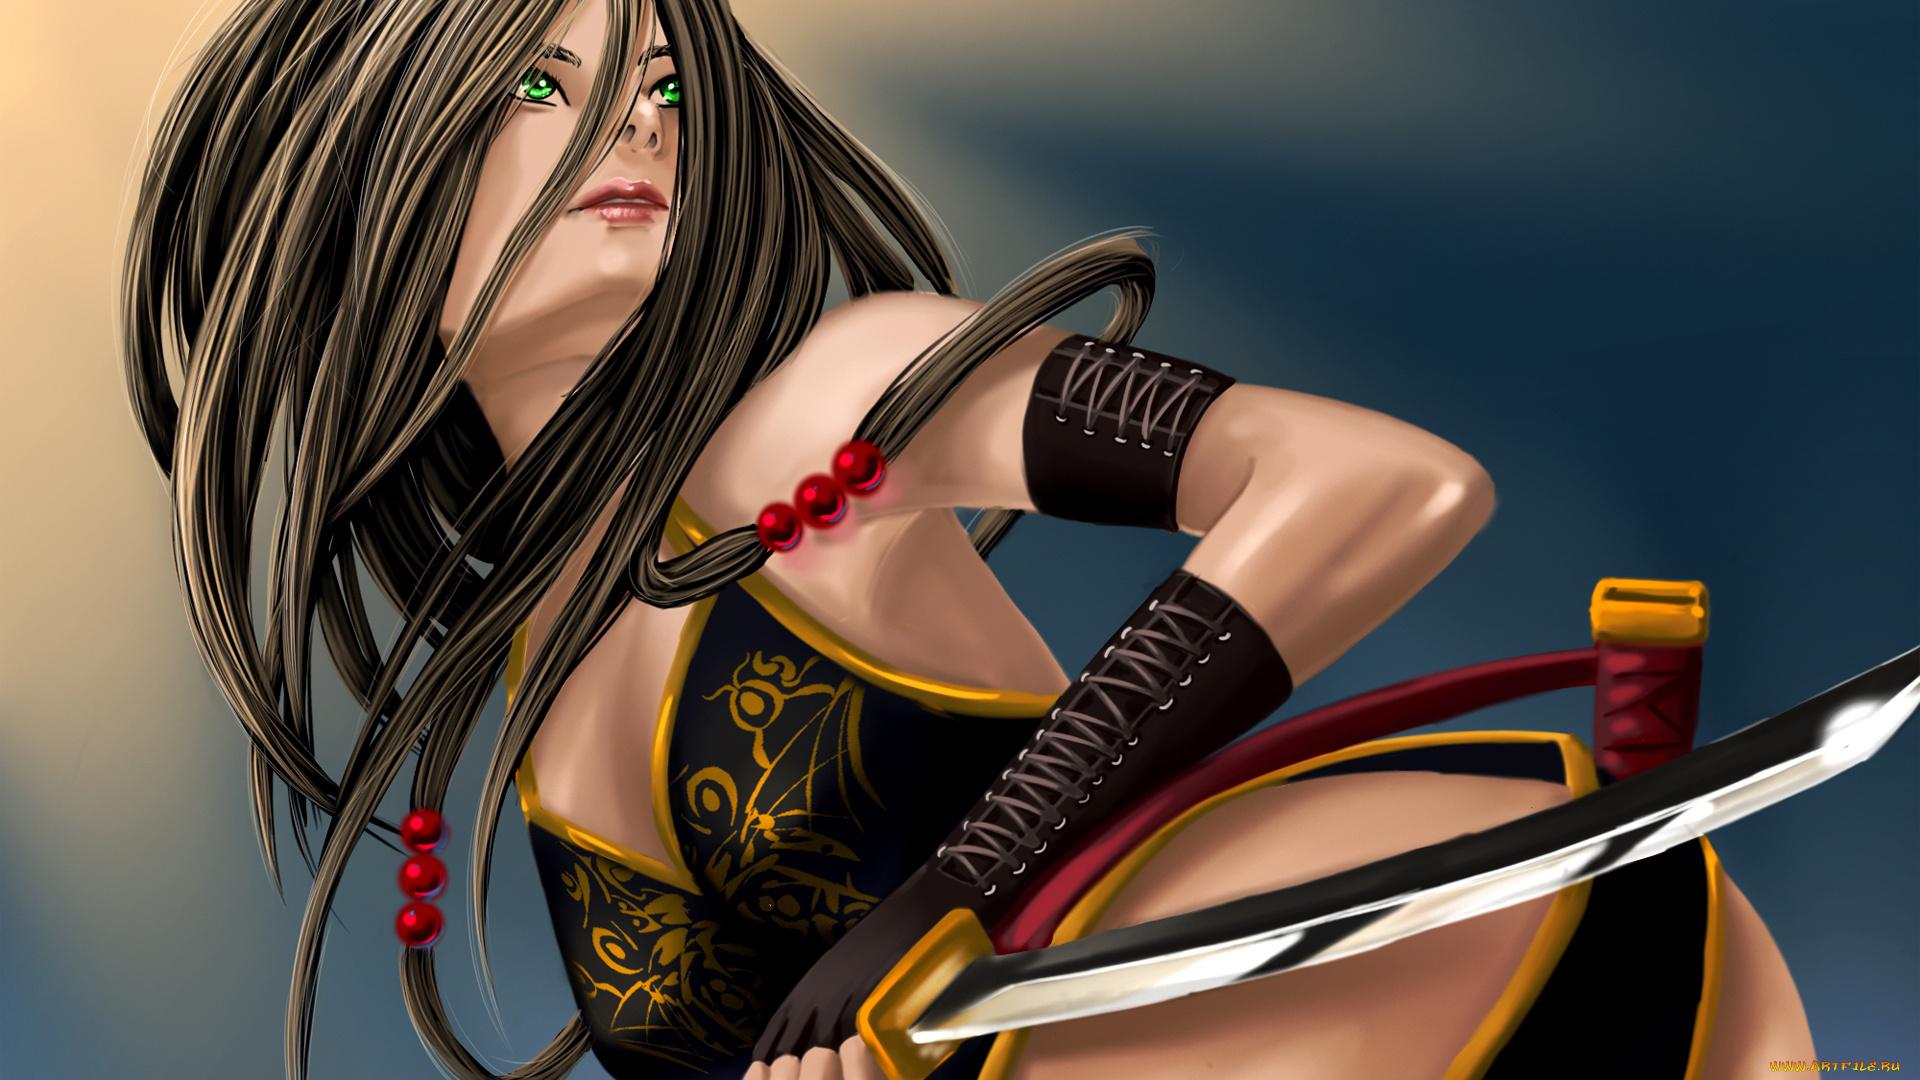 nude art Sexy wallpaper woman fantasy warrior